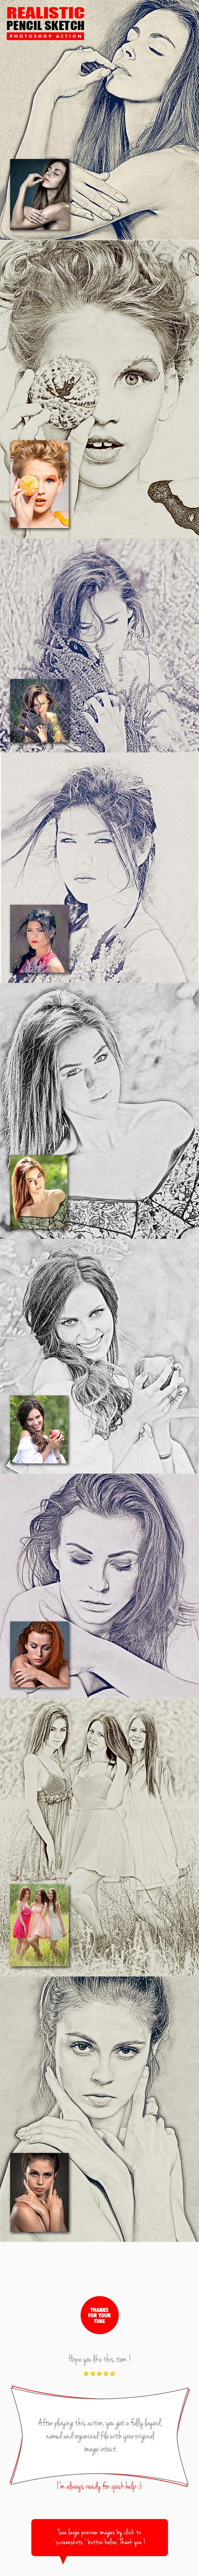 Pencil sketch 4in1 photoshop actions bundle v 1